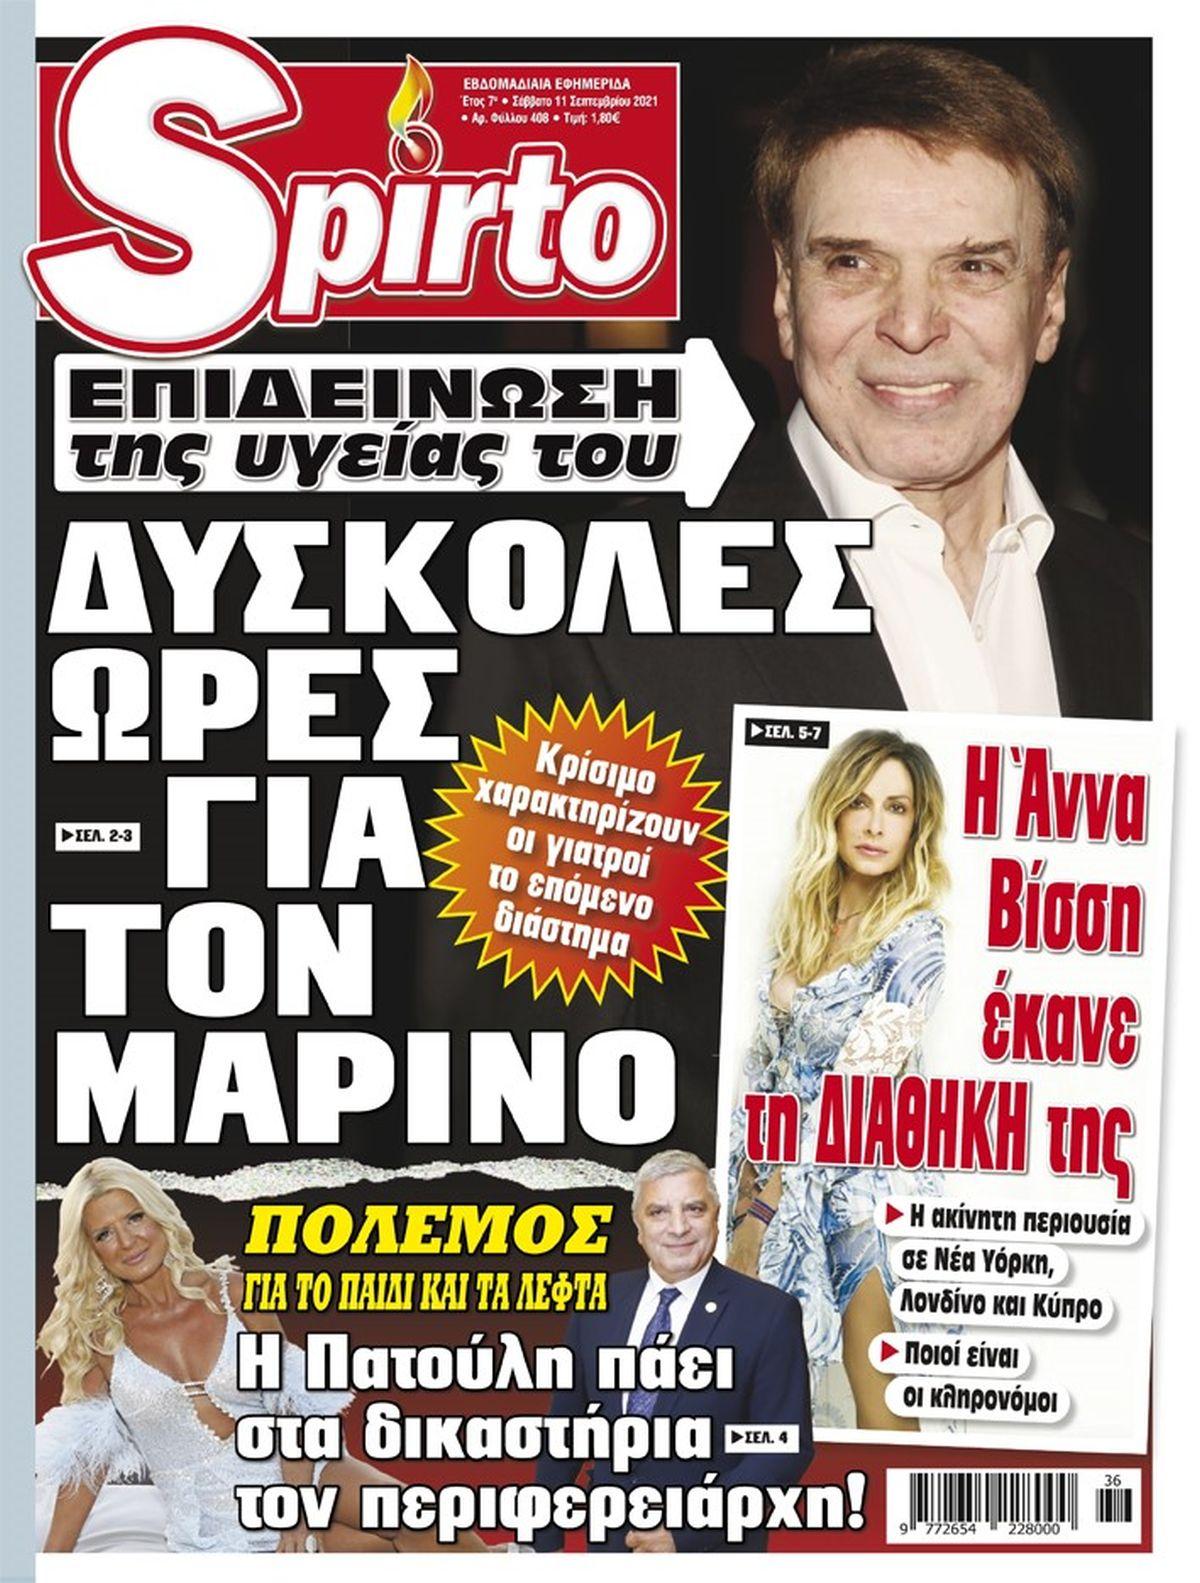 Το Spirto κυκλοφόρησε και δεν χάνεται με τίποτα - Αποκλειστικά ρεπορτάζ και θέματα που πρέπει να διαβάσεις